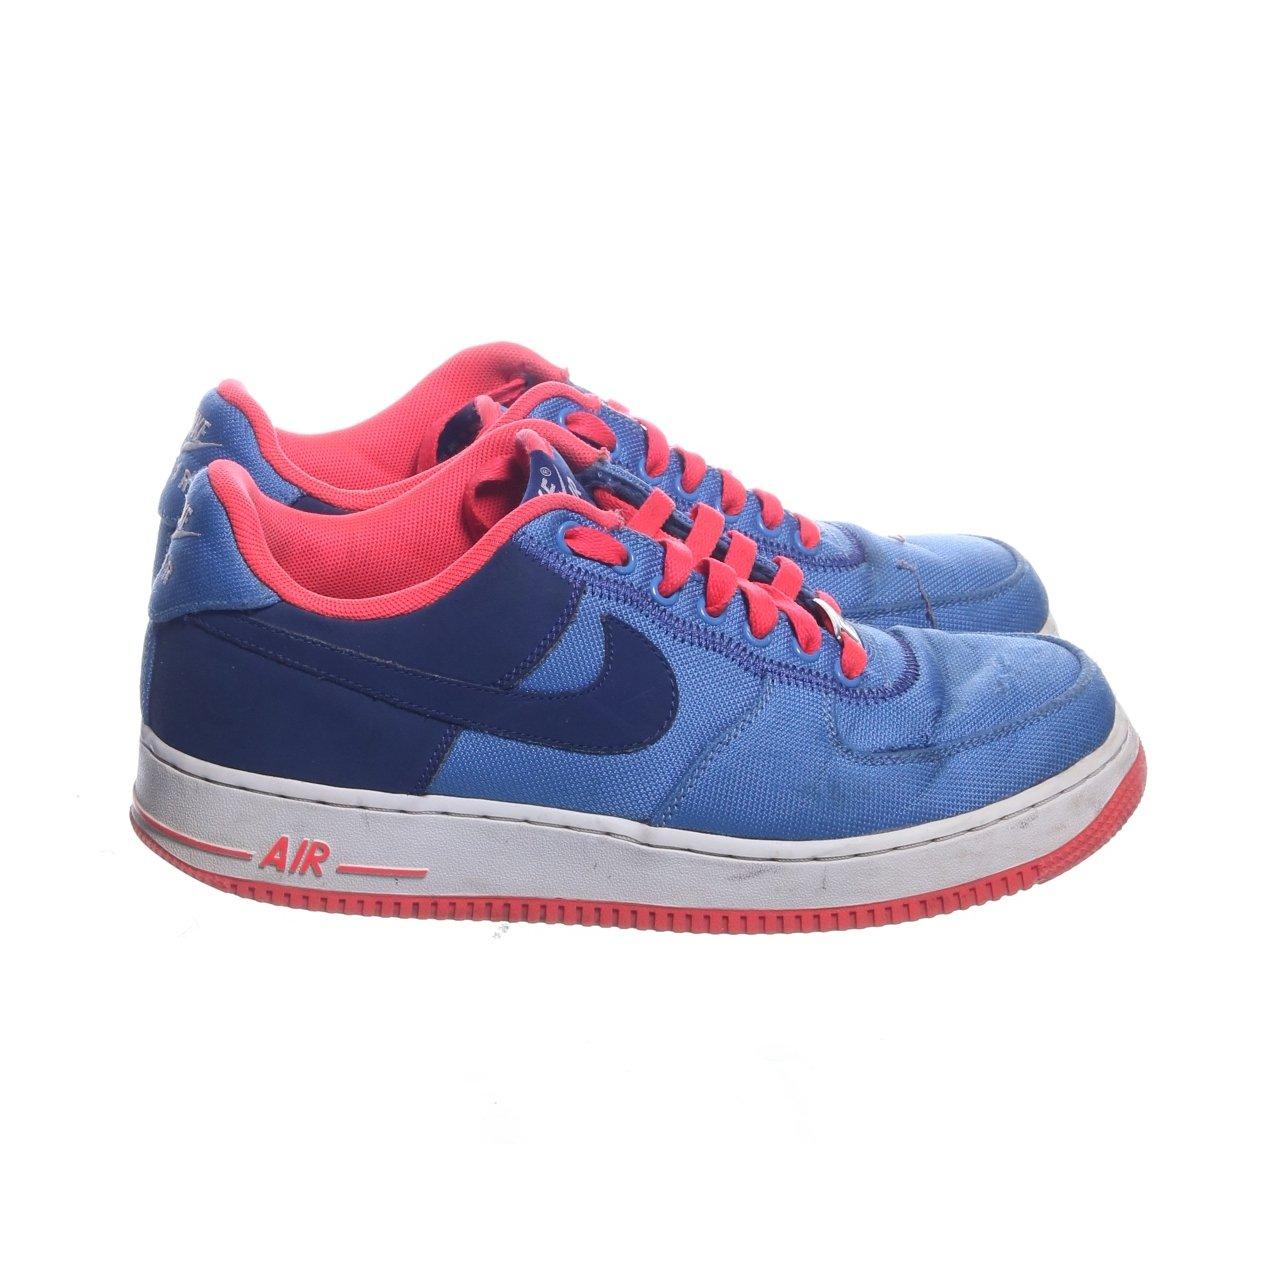 best cheap eb4a4 2483d Nike, Sneakers, Strl  42, Nike Air, Blå Rosa